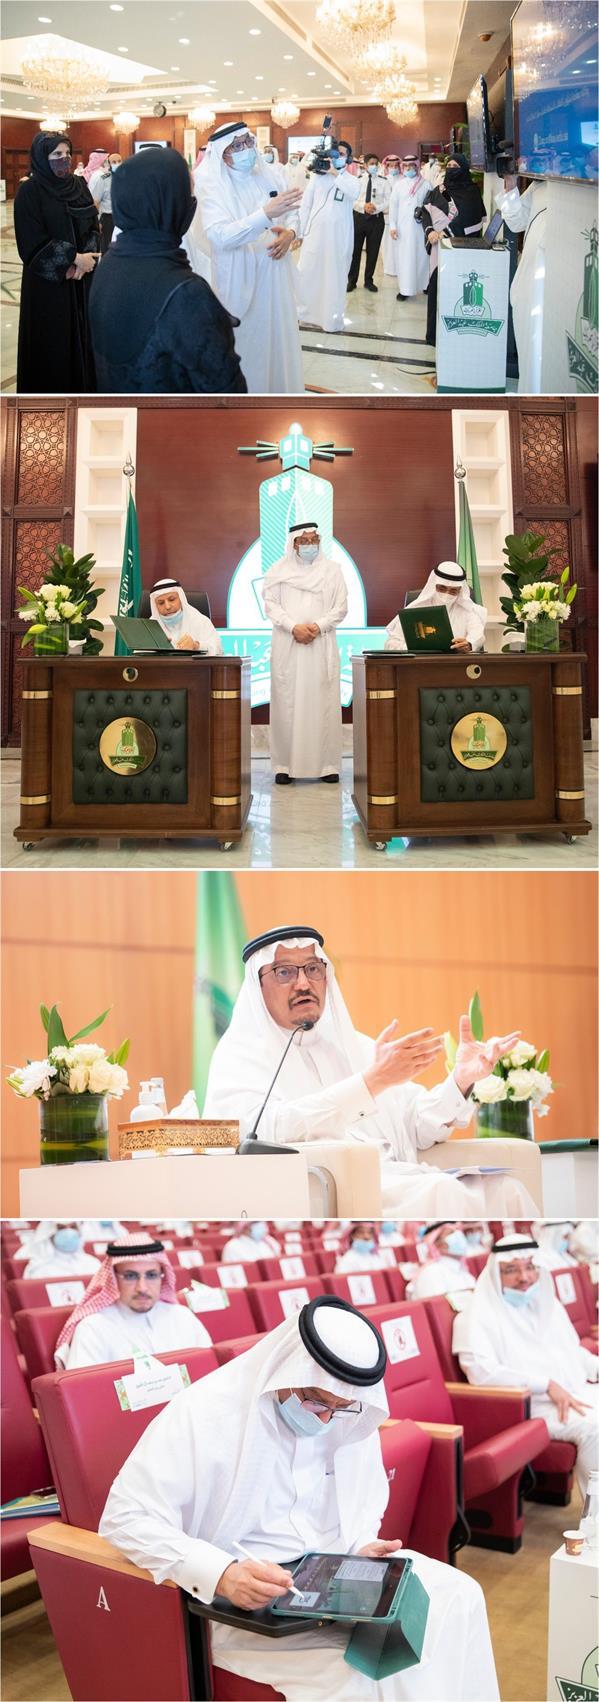 وزير التعليم يلتقى منسوبي جامعة الملك عبدالعزيز ويدشن عدداً من المبادرات والمشروعات